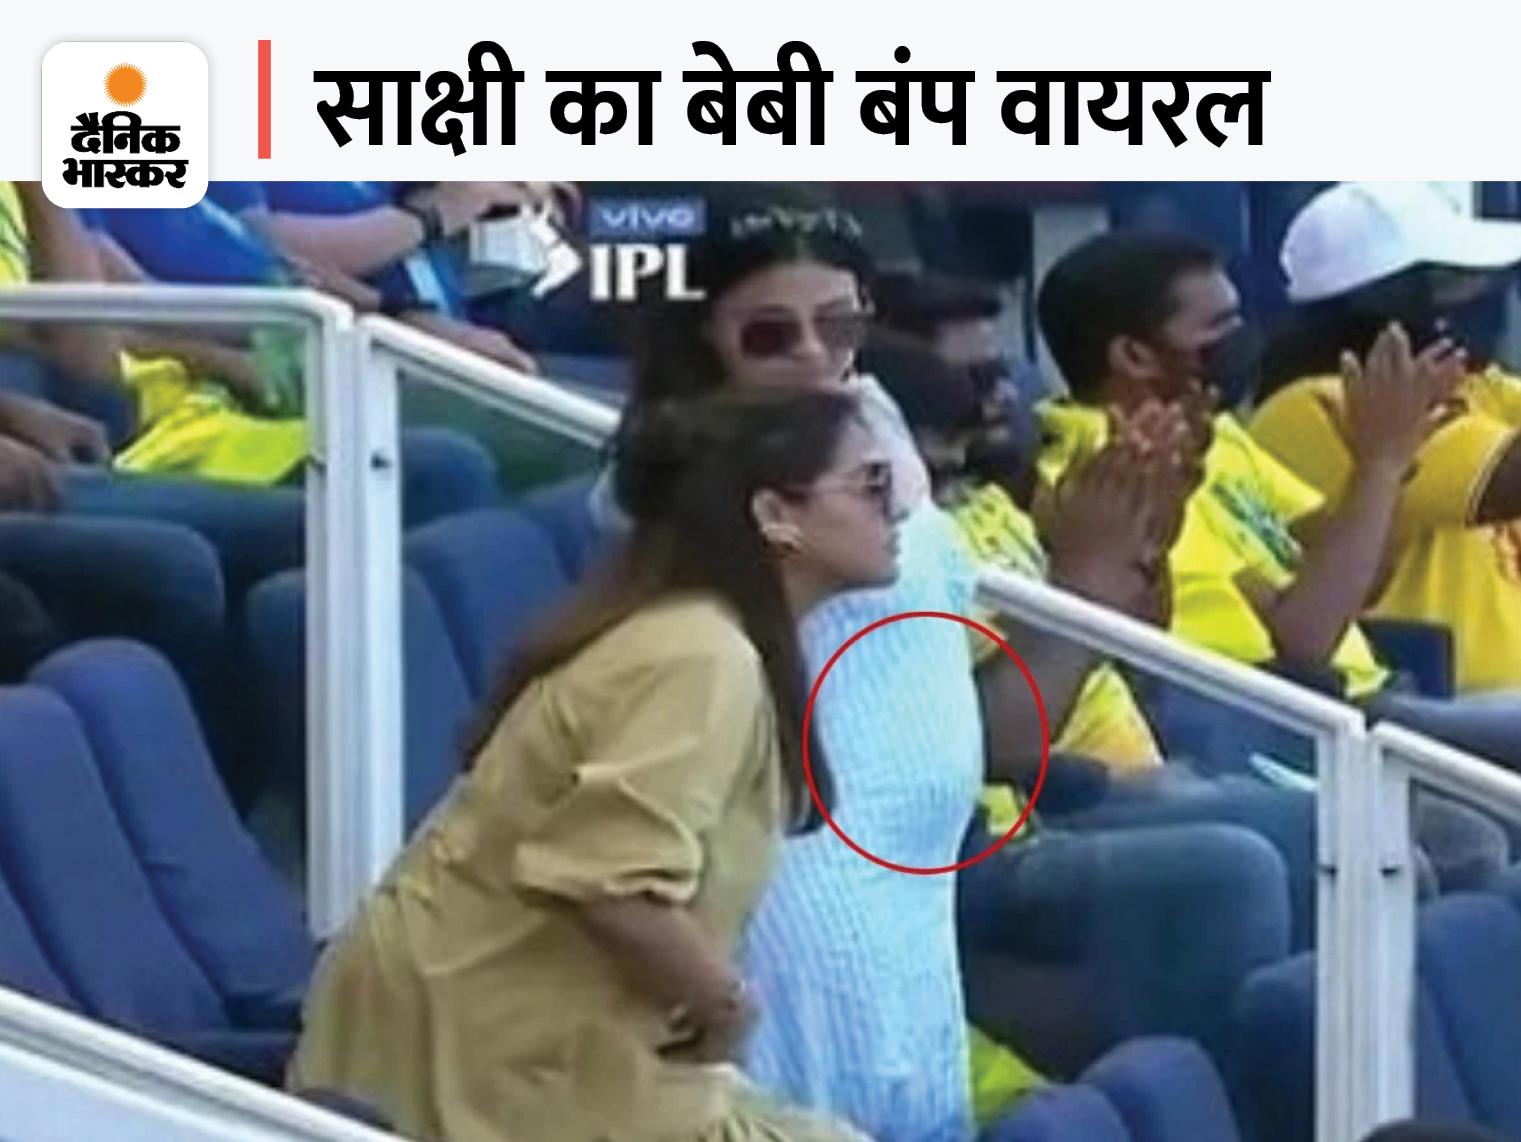 वायरल हो रही है साक्षी की बेबी बंप वाली फोटो, चेन्नई की जीत के बाद फैमिली ने ग्राउंड पर मनाया था जश्न|स्पोर्ट्स,Sports - Dainik Bhaskar